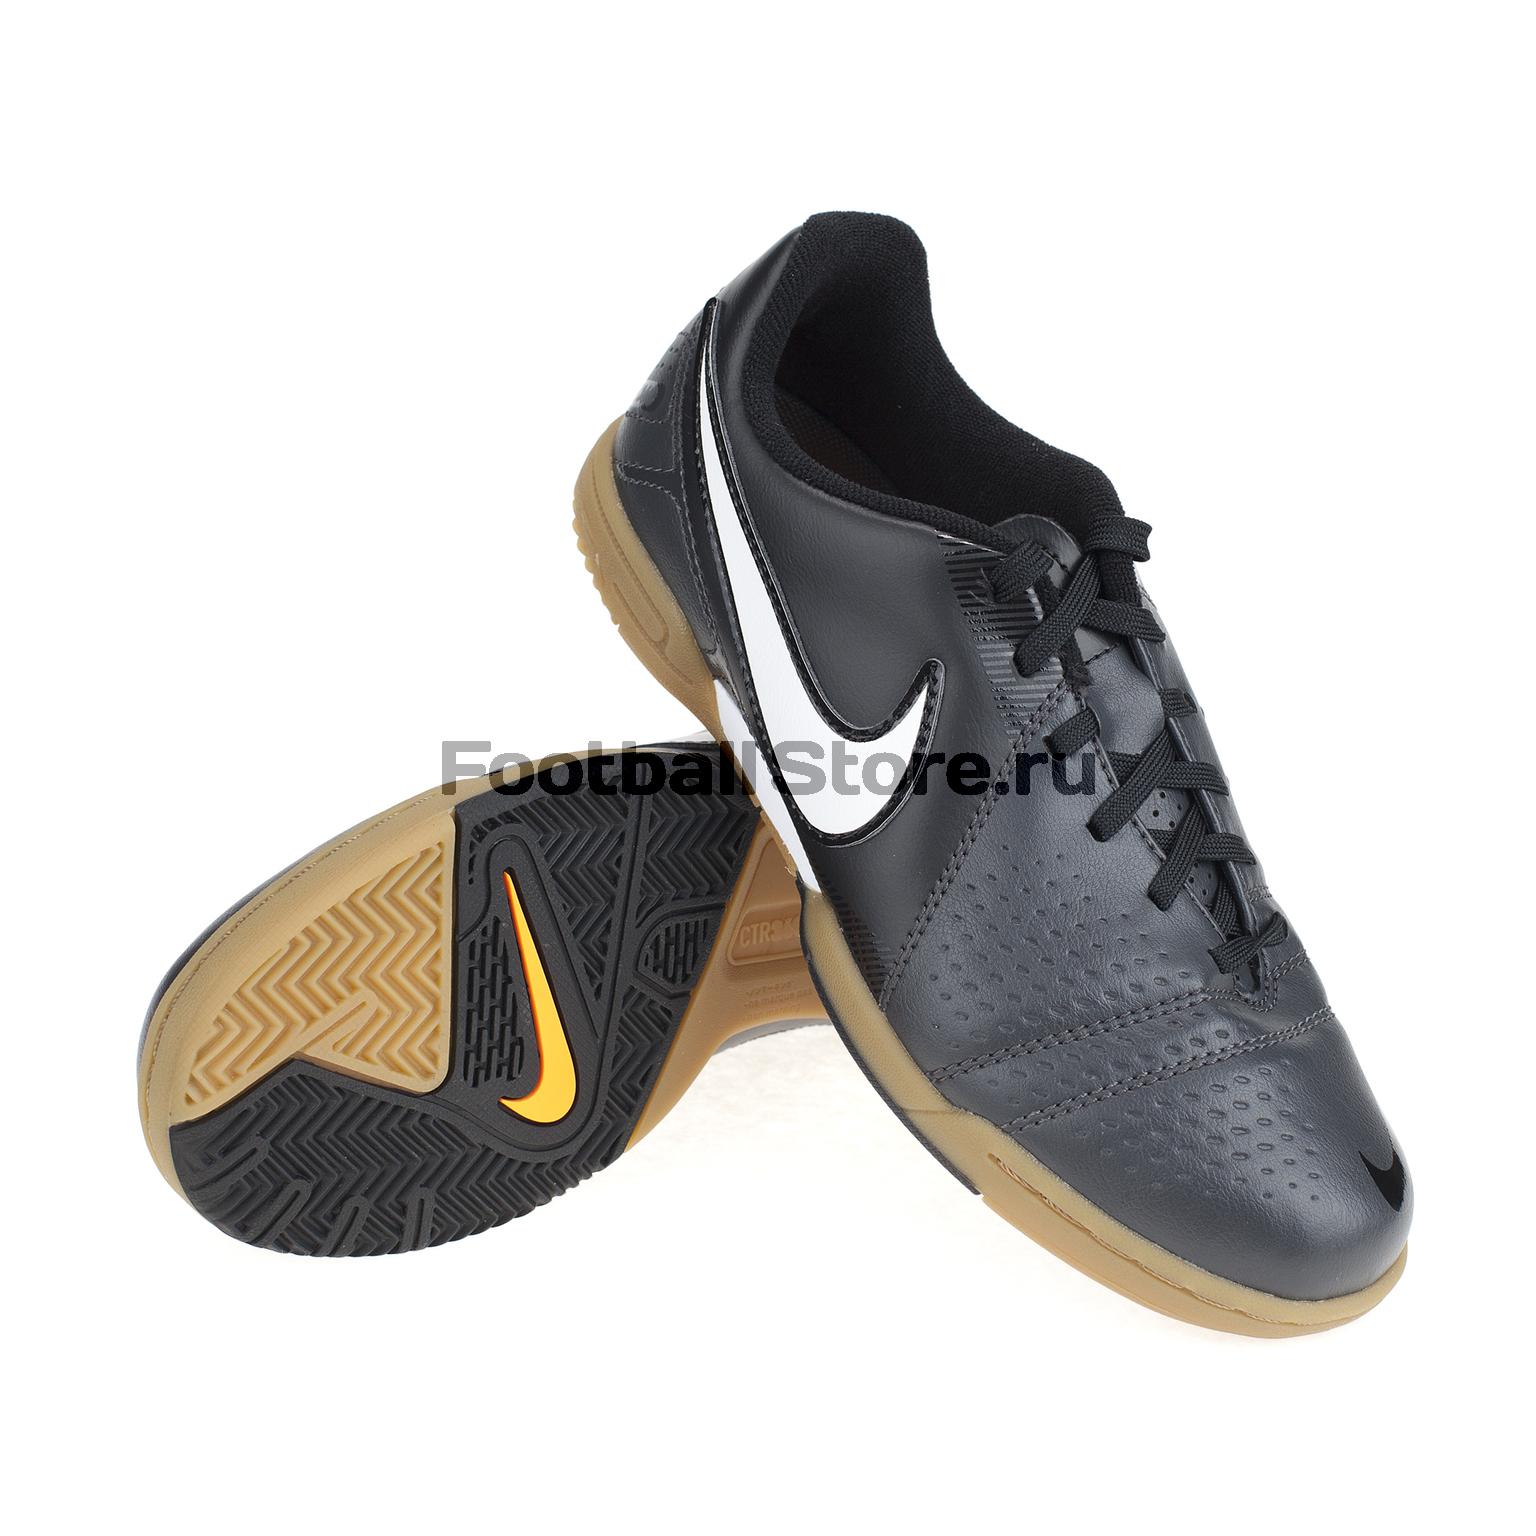 Бутсы Nike Обувь для зала Nike CTR 360 Libretto III IC JR 525175-010